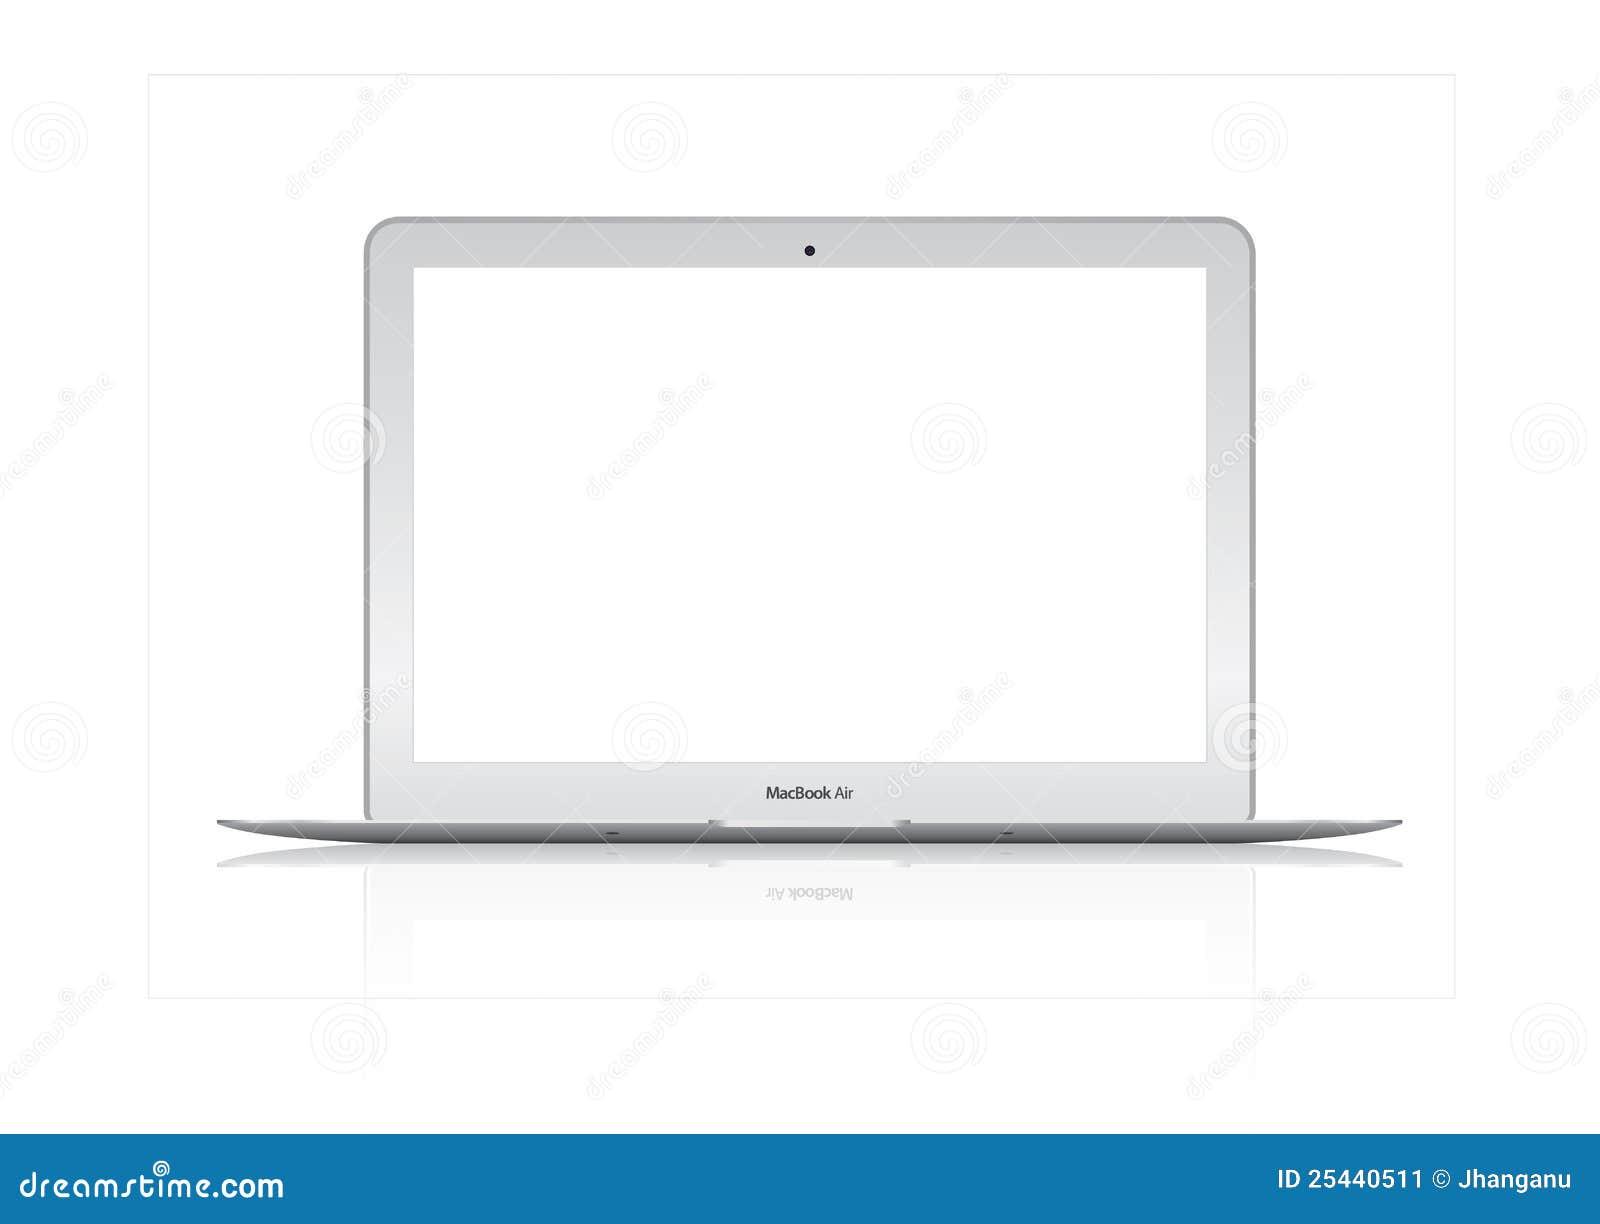 Abbildung neuen Apple Mac-Buch-Luftlaptops 2012